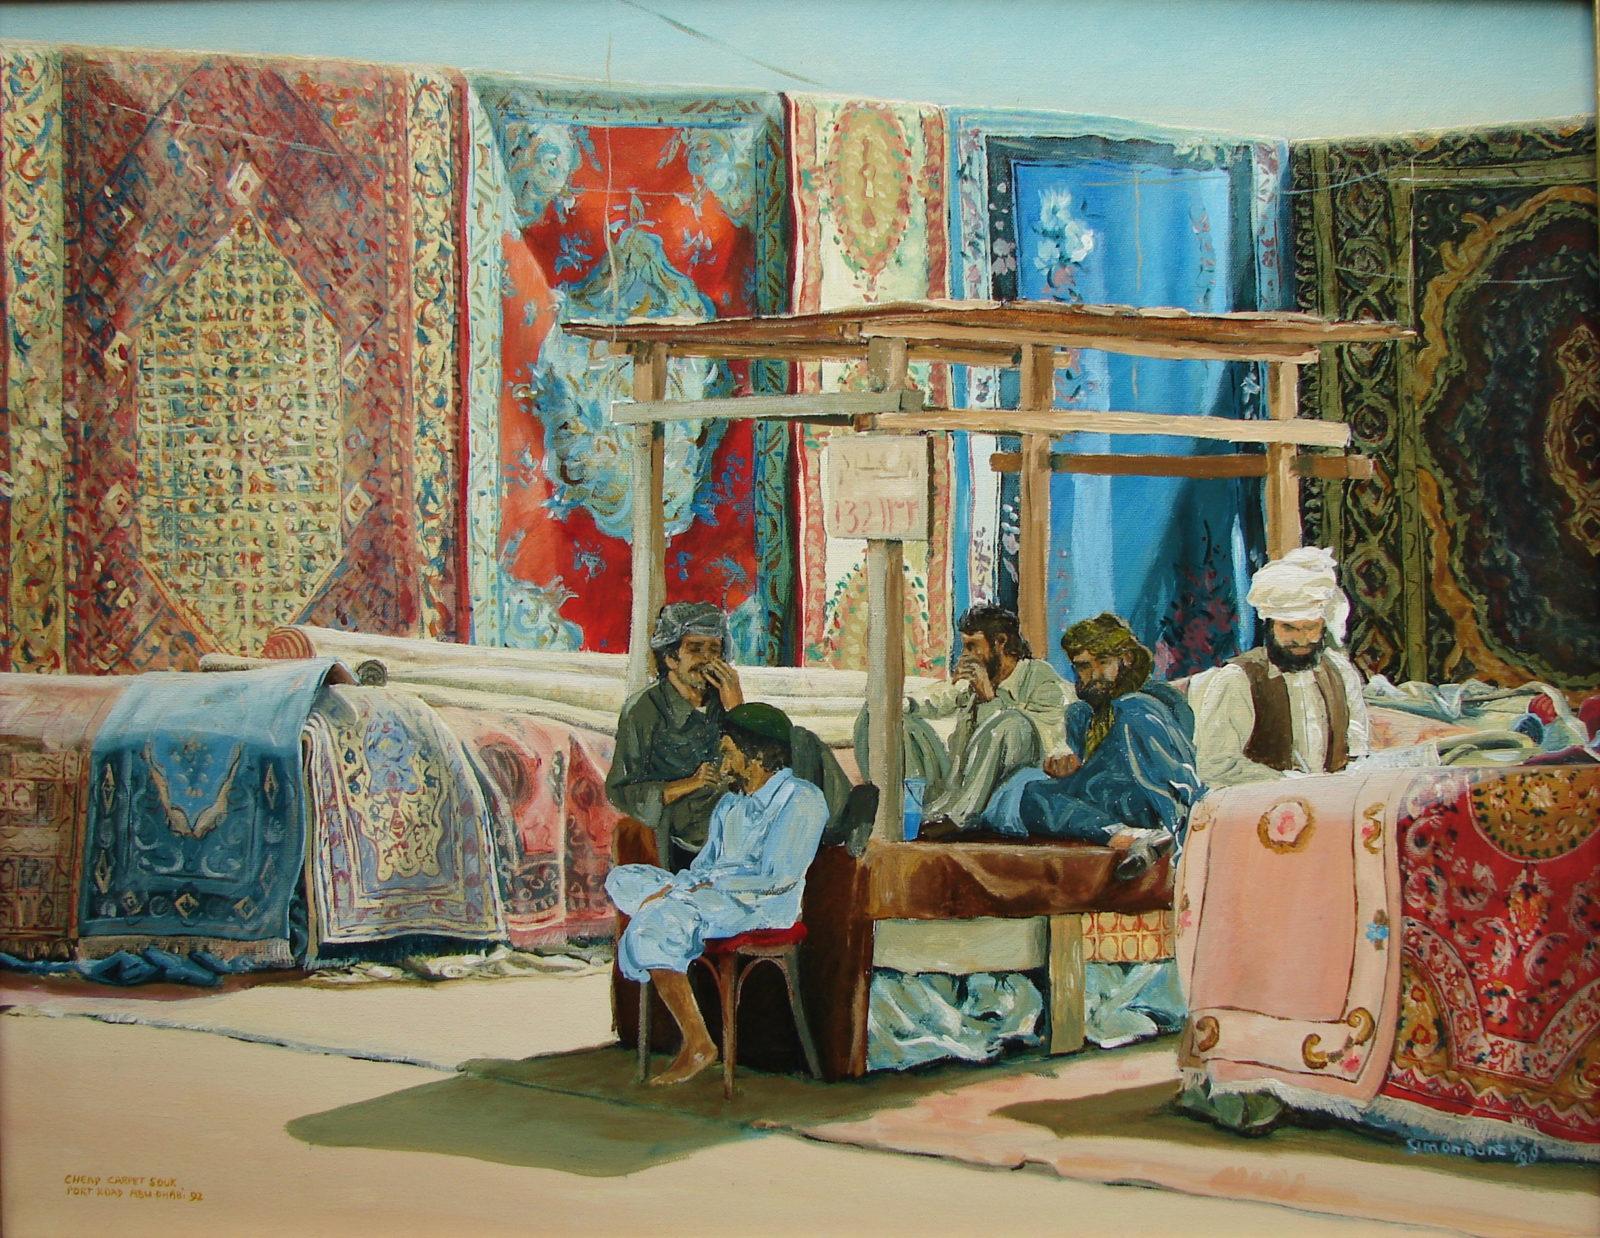 CarpetSoukhAbuDhabi'94